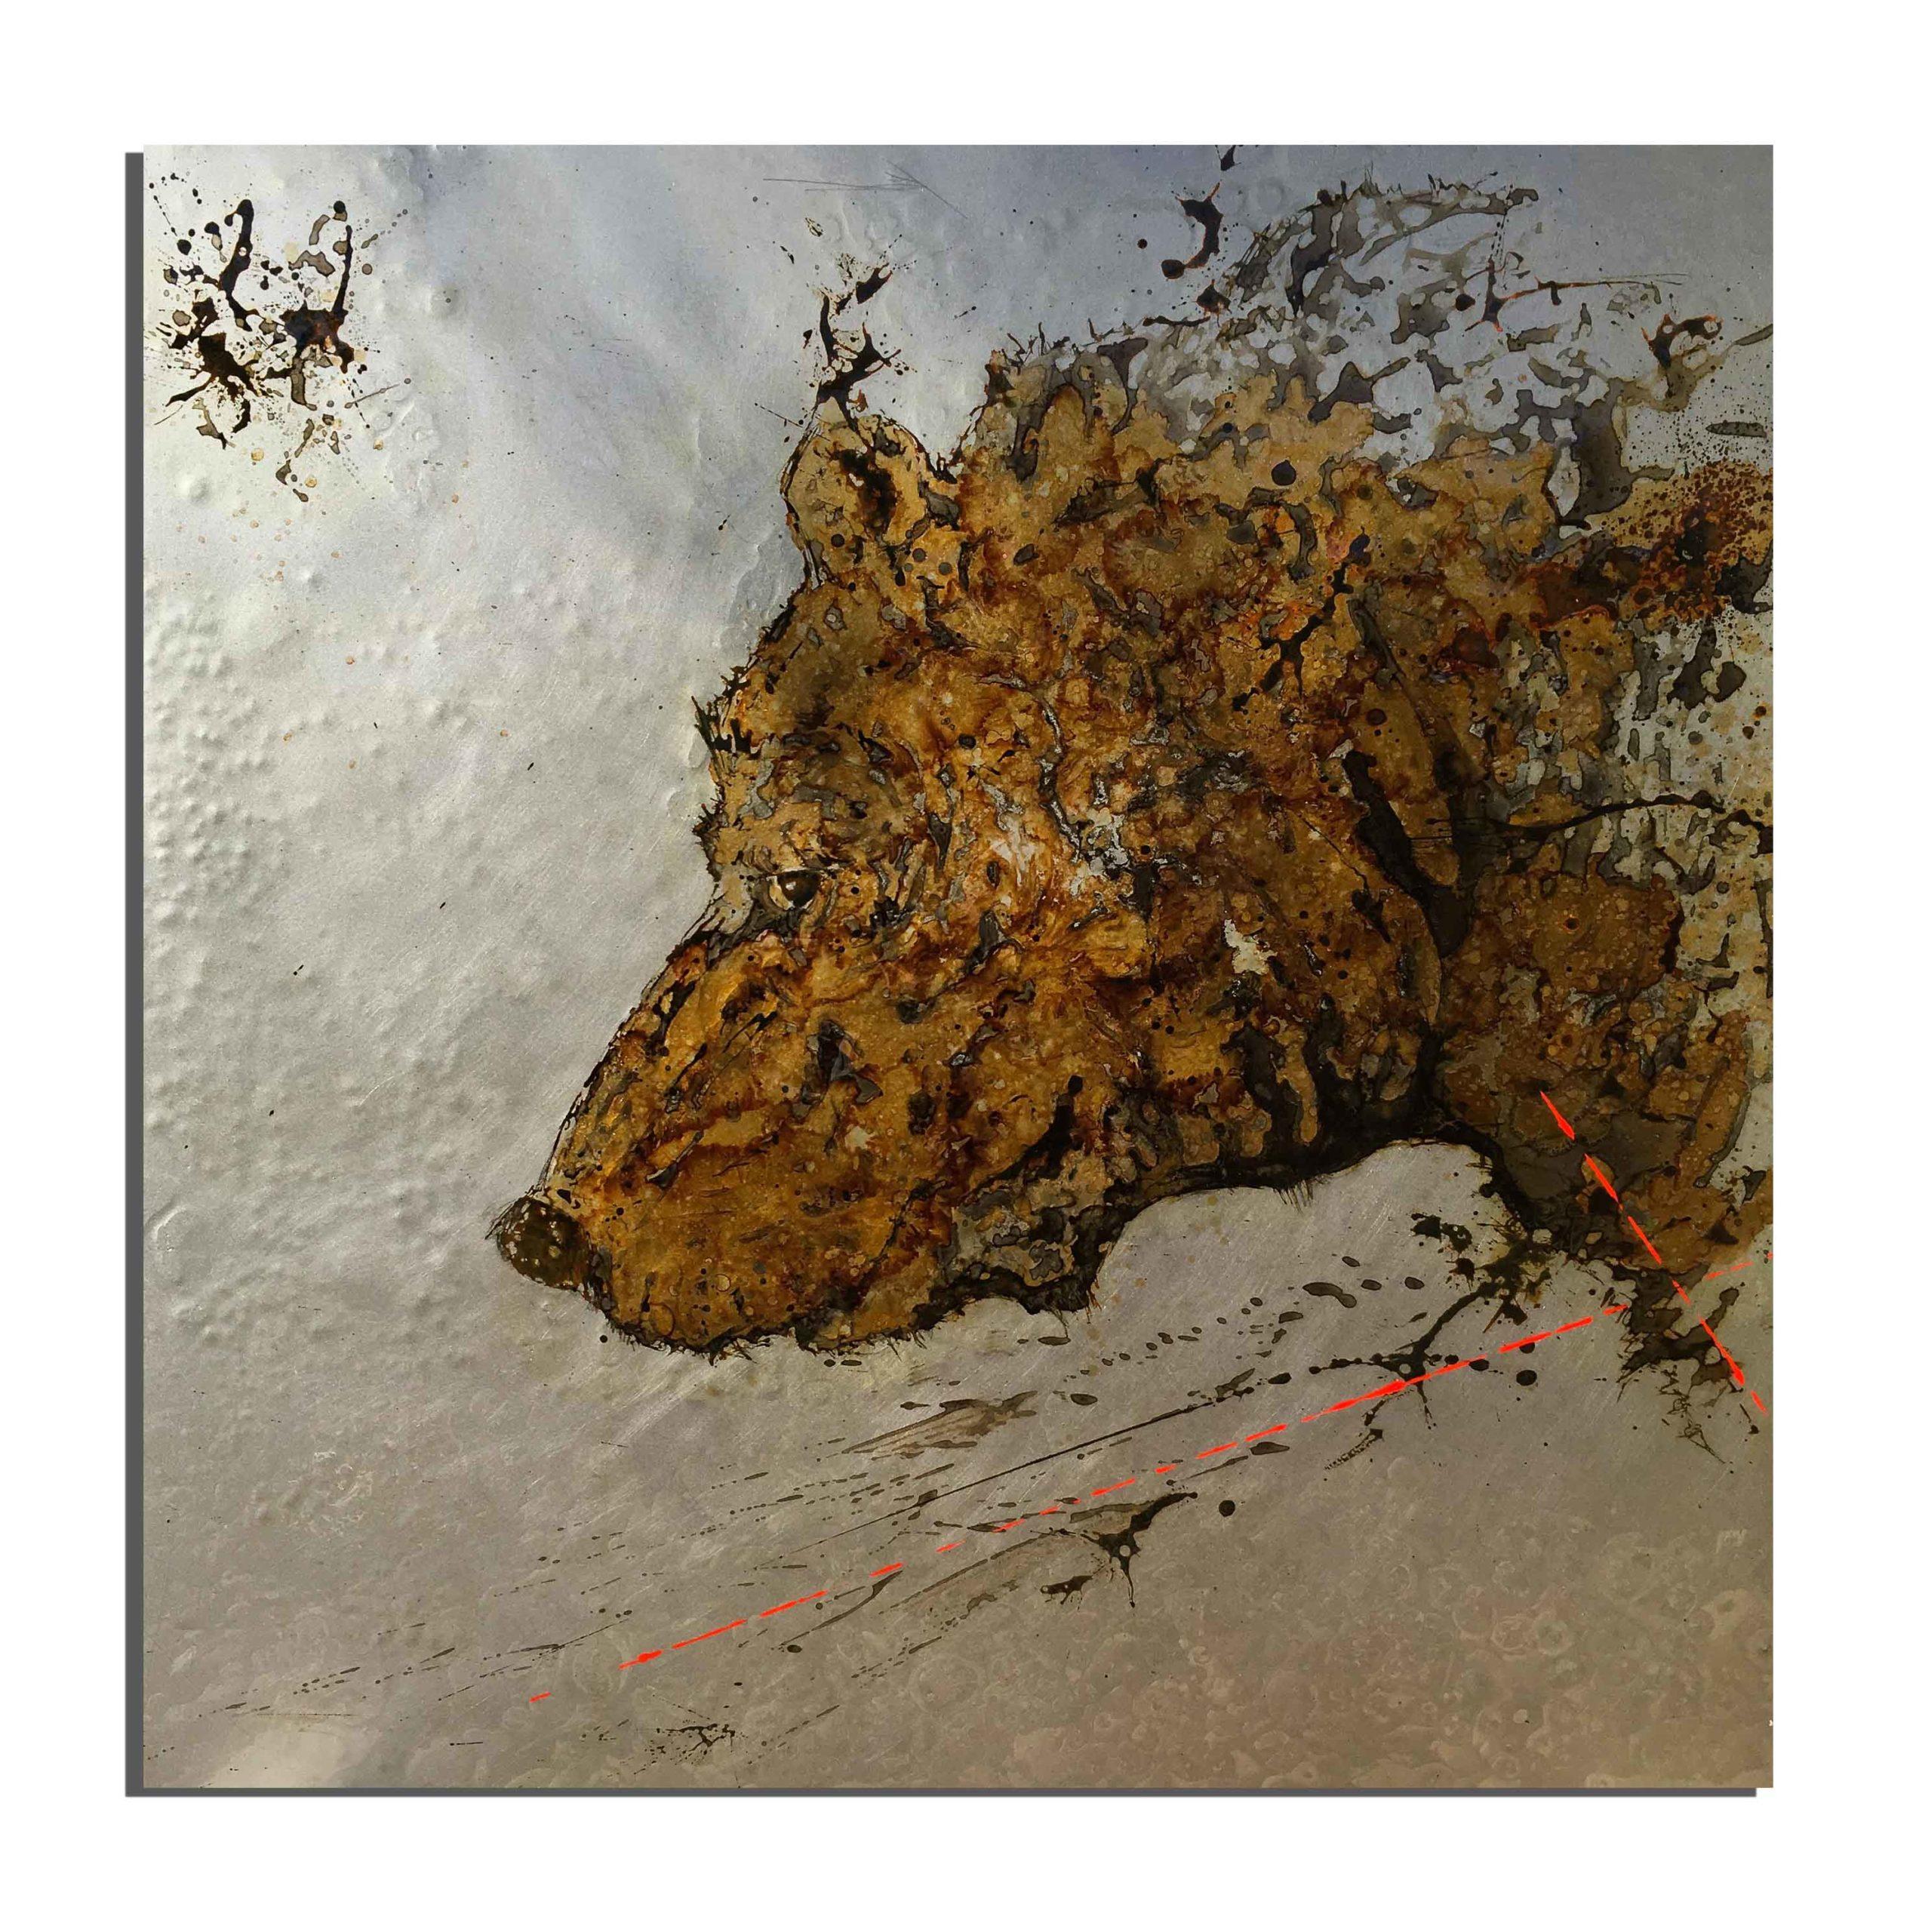 Ours de rouille fait avec du vinaigre et de l'eau de la Réserve Naturelle de Py (Pyrénées, France) - projet Water Is Life, Christophe Monteil, Art 4 Nature